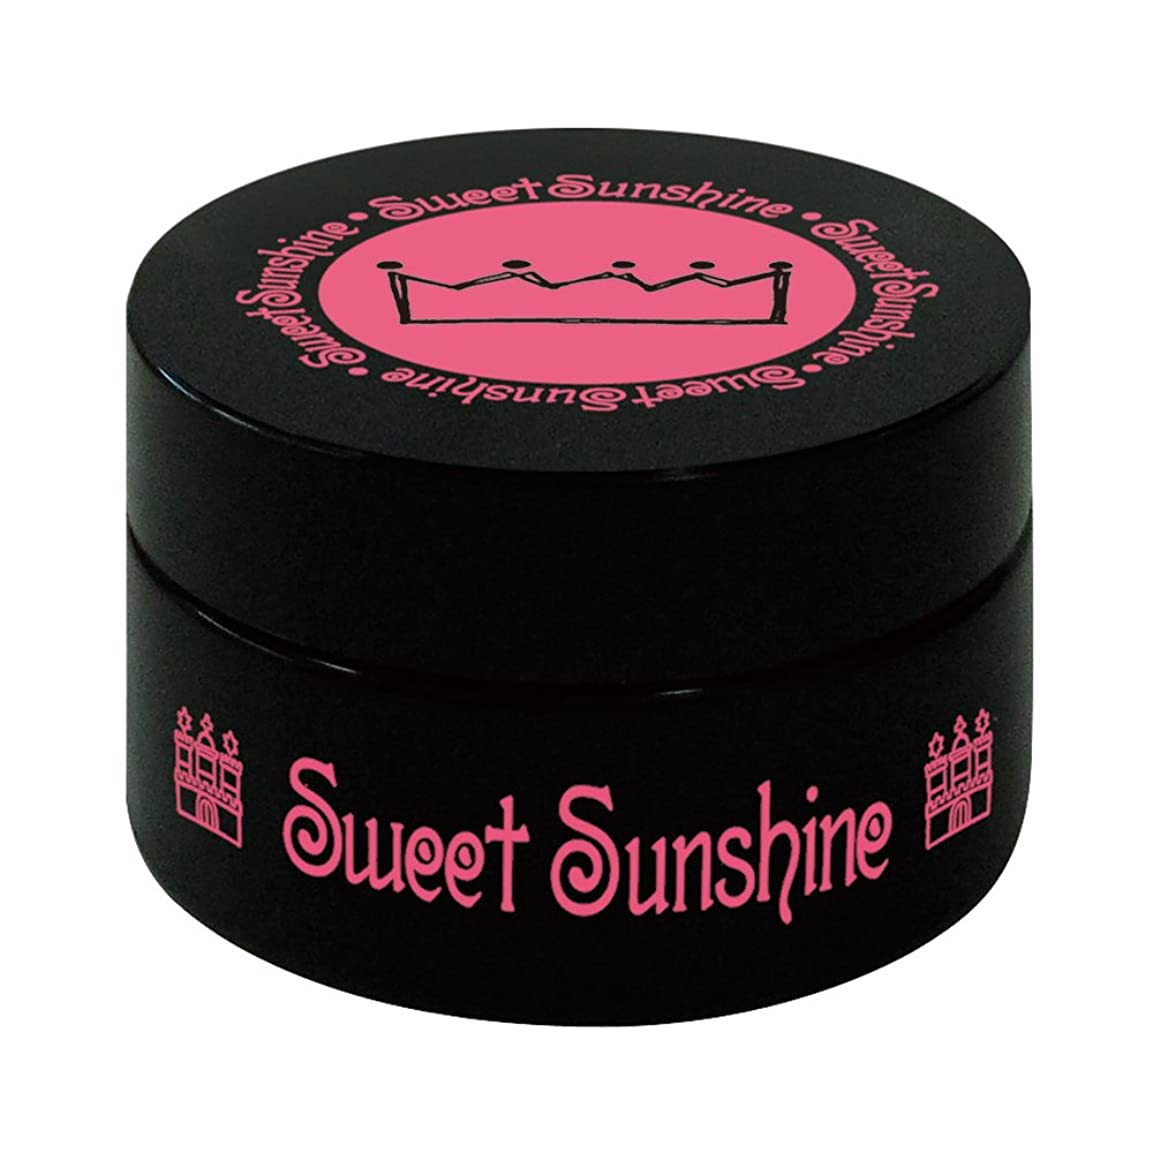 記念碑インタフェース黙認する最速硬化LED対応 Sweet Sunshine カラージェル 4g SC-141 ターコイズ